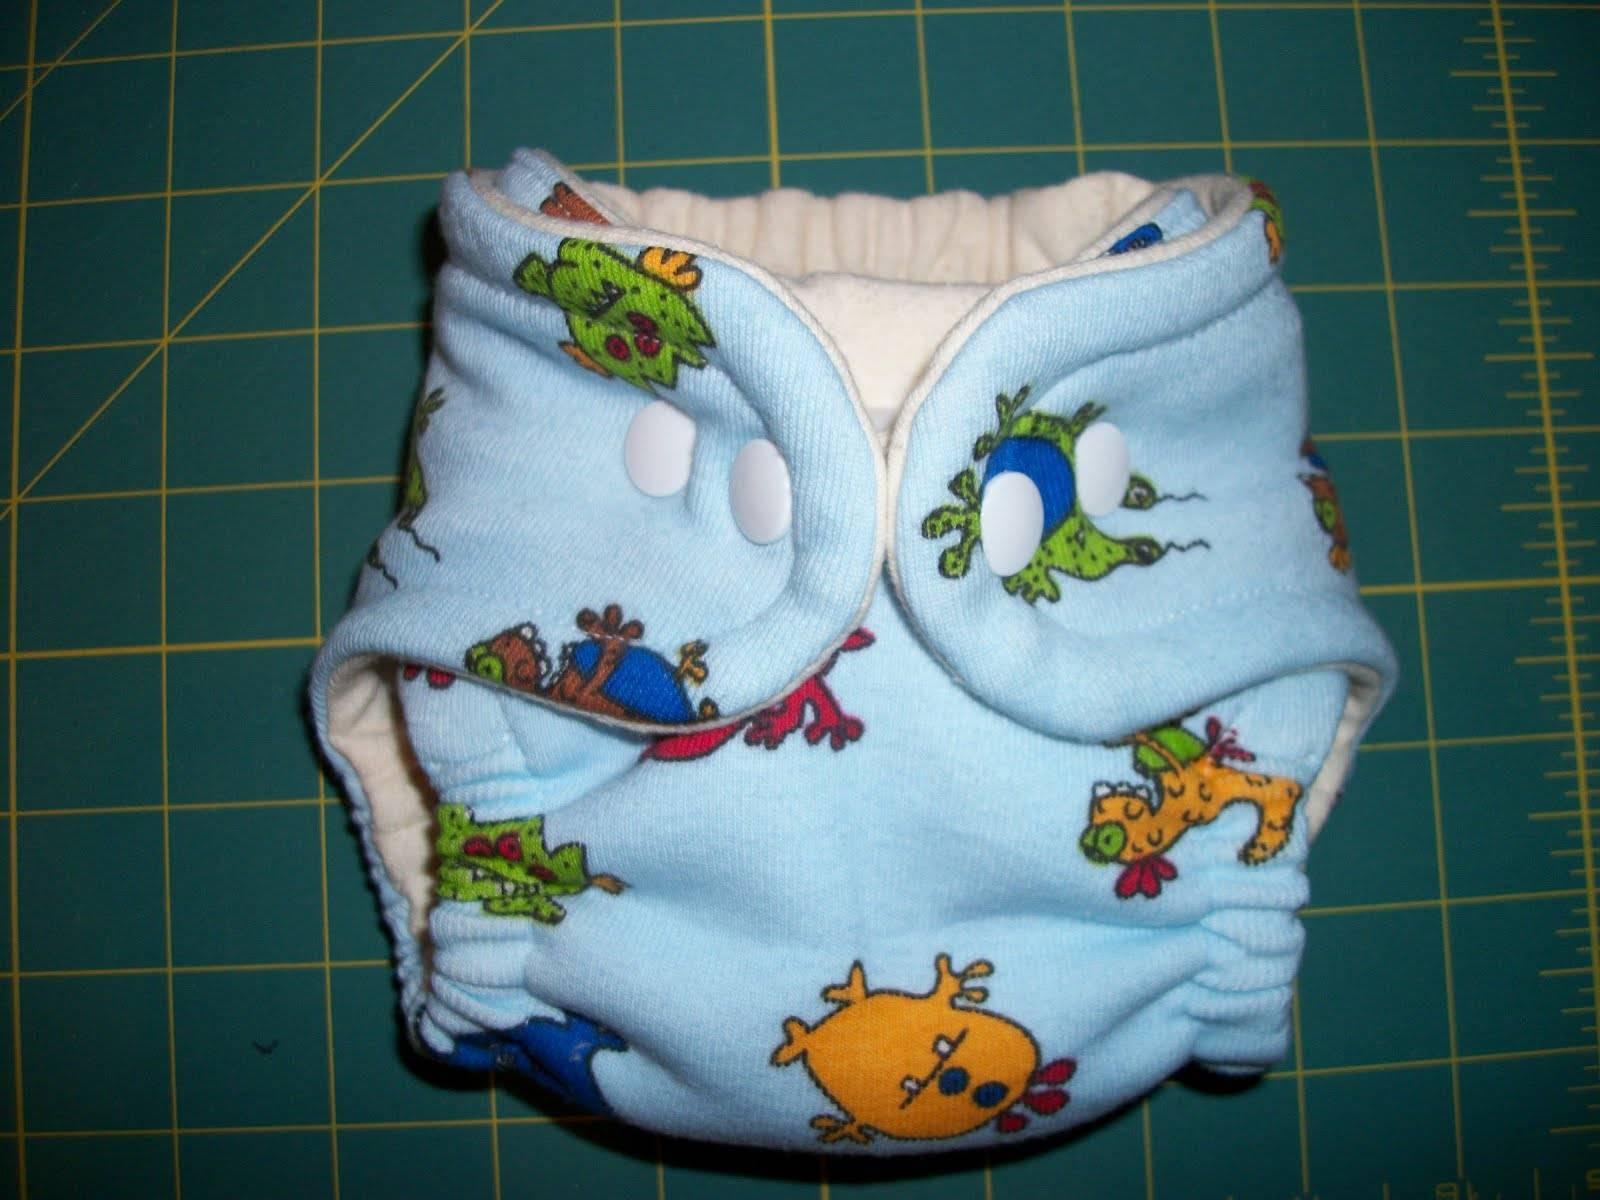 Пошив марлевых подгузников для новорожденного по пошаговой инструкции